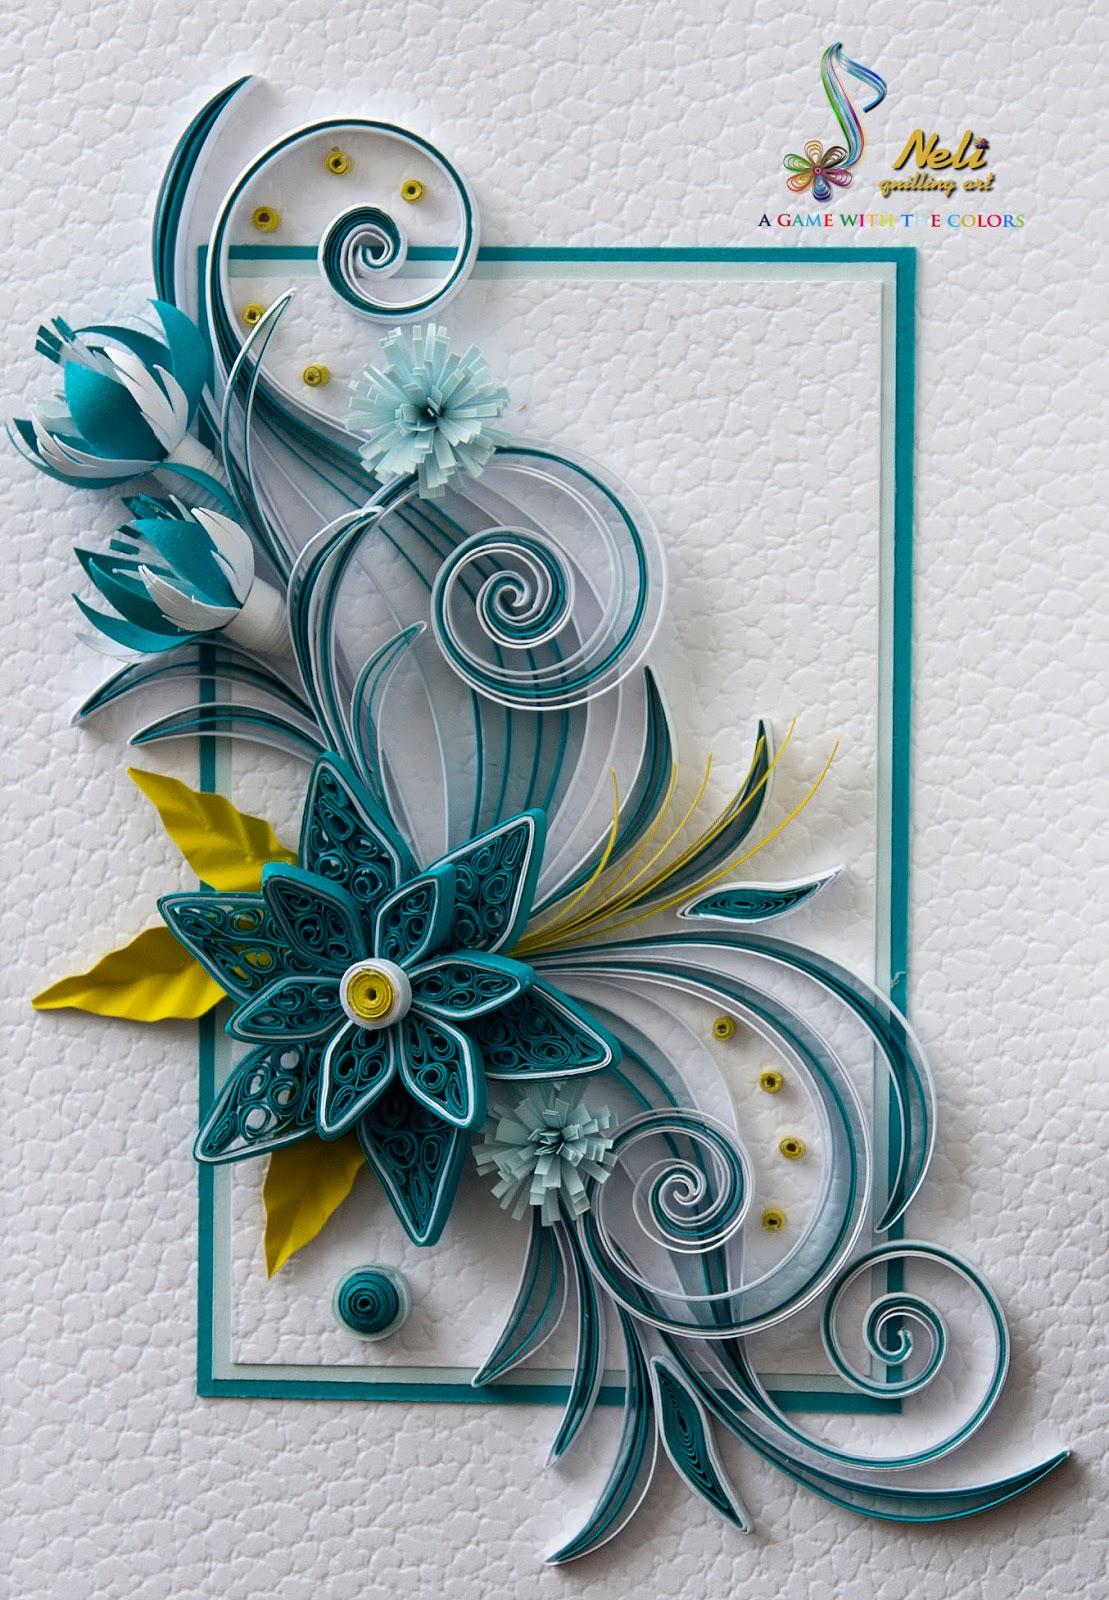 neli quilling art quilling card   105 cm  15 cm